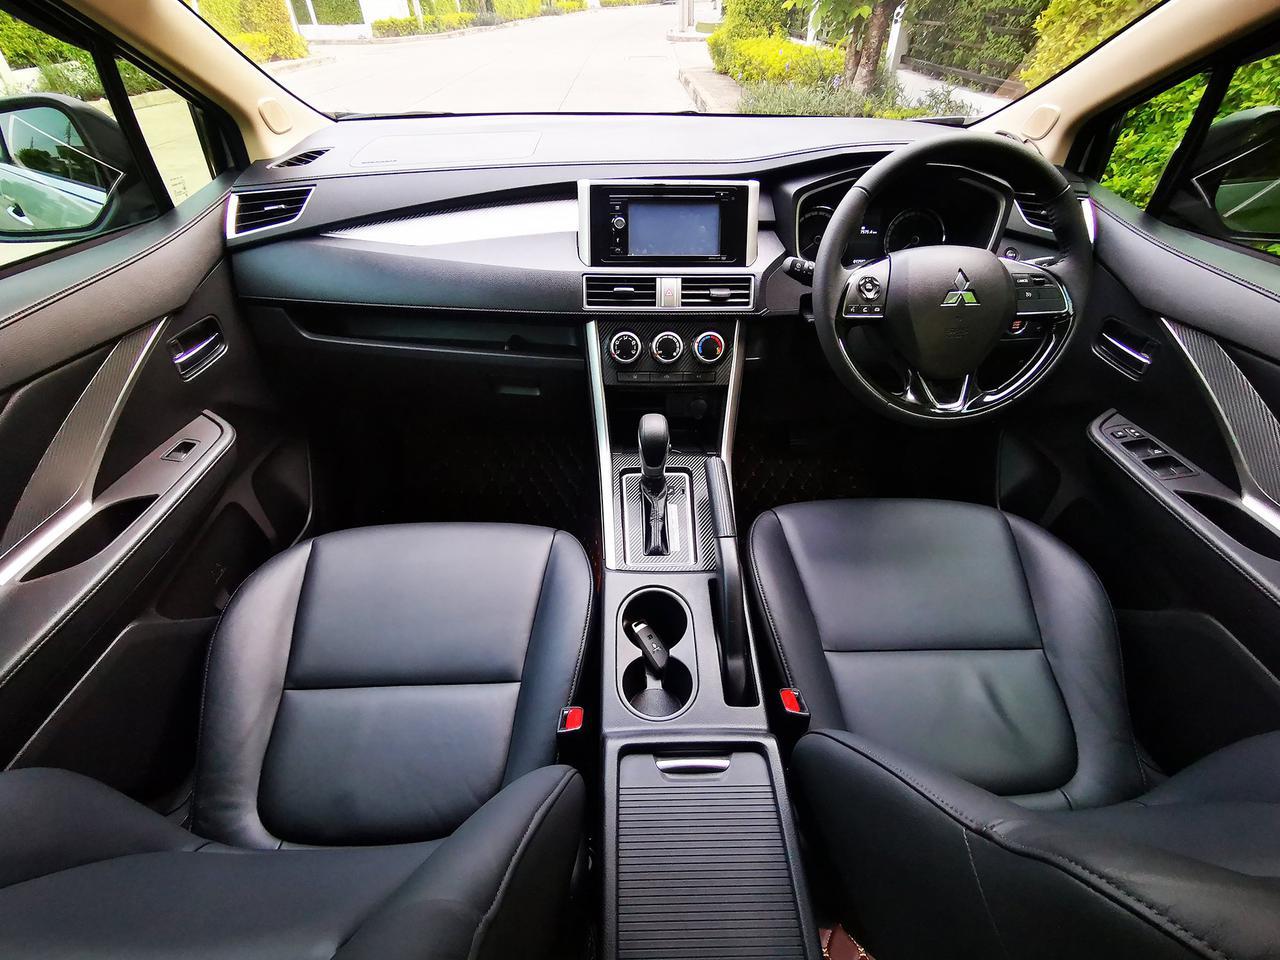 ขาย รถมือสอง สภาพป้ายแดง Mitsubishi Xpander รุ่นท๊อปสุด ไมล์แท้ 10,000 กม. เข้าศูนย์ตลอด รูปที่ 4